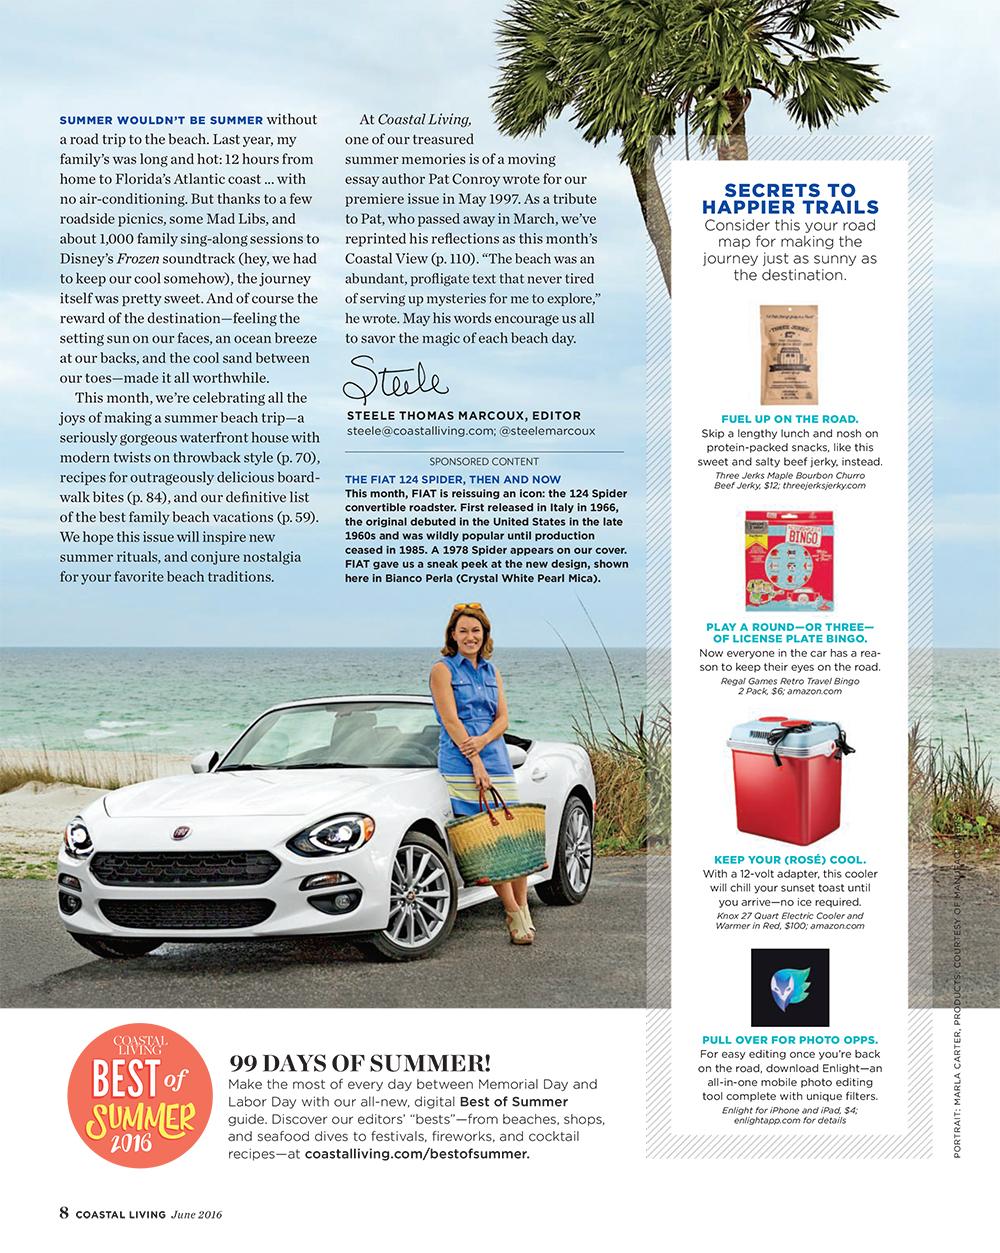 Coastal-Living-June-2016-Fiat